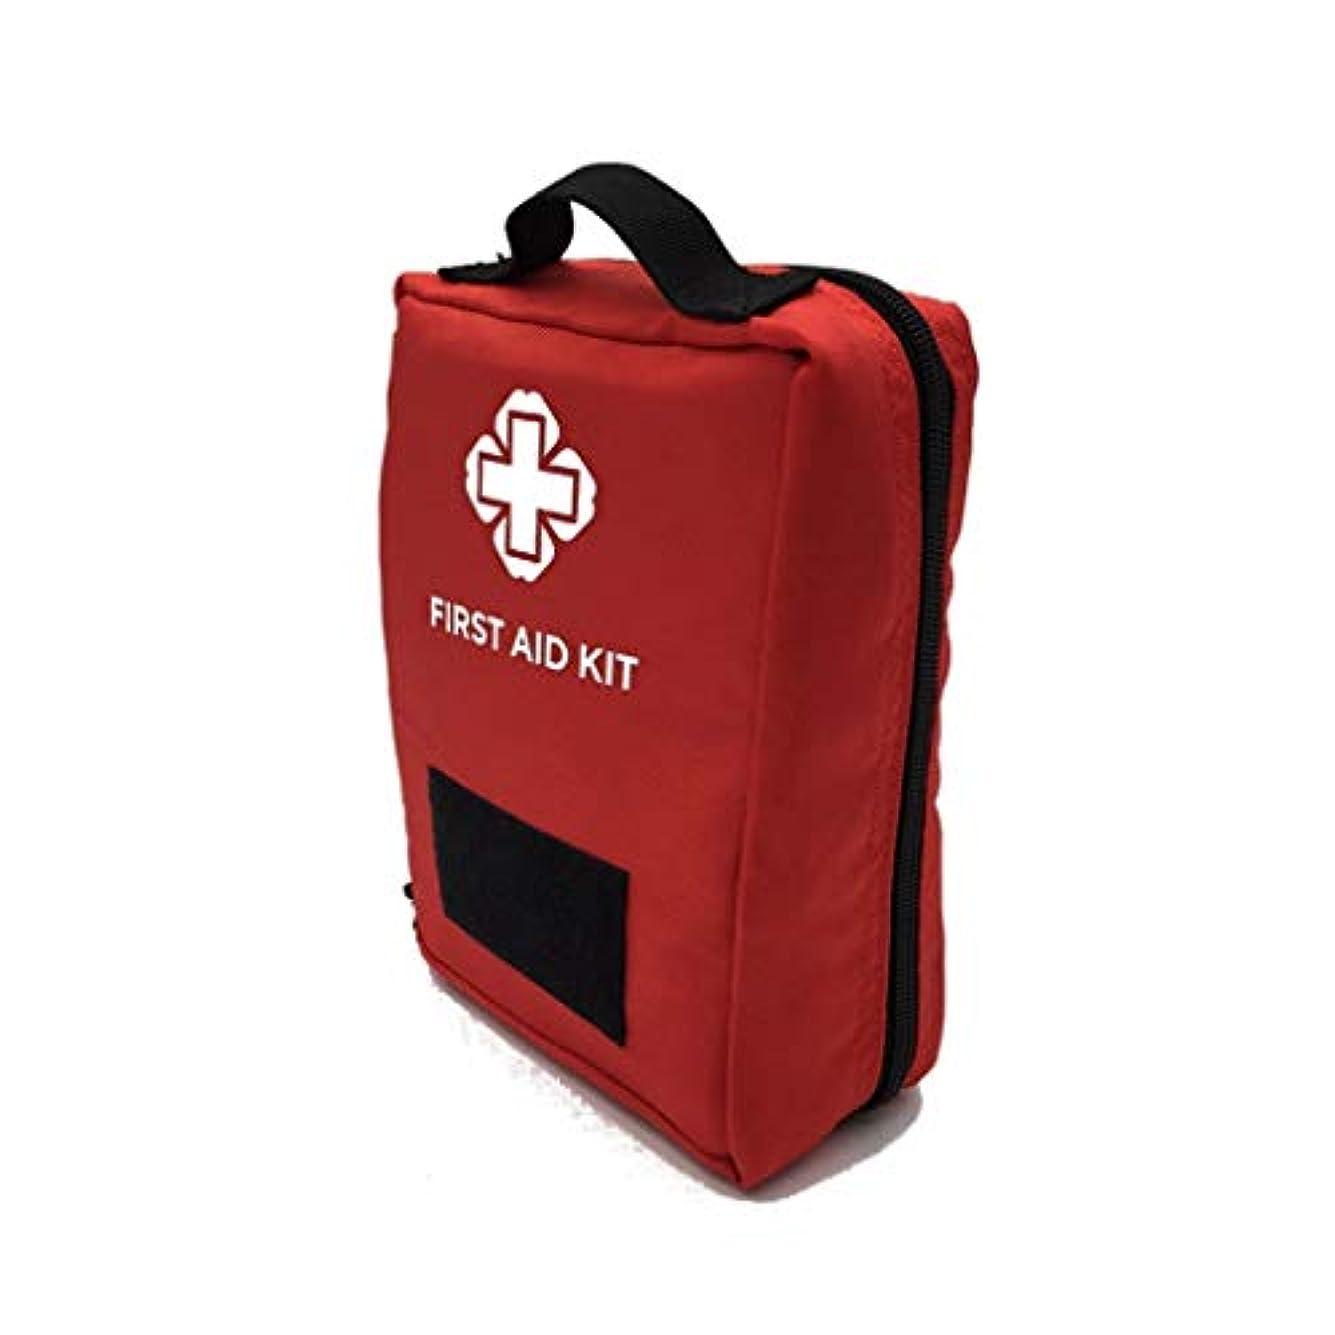 急行する建設一方、XJLXX 屋外ポータブル多目的キャンプ旅行救急キット、スポーツ医学キット、家族救急キット 医療箱 (Color : Red)